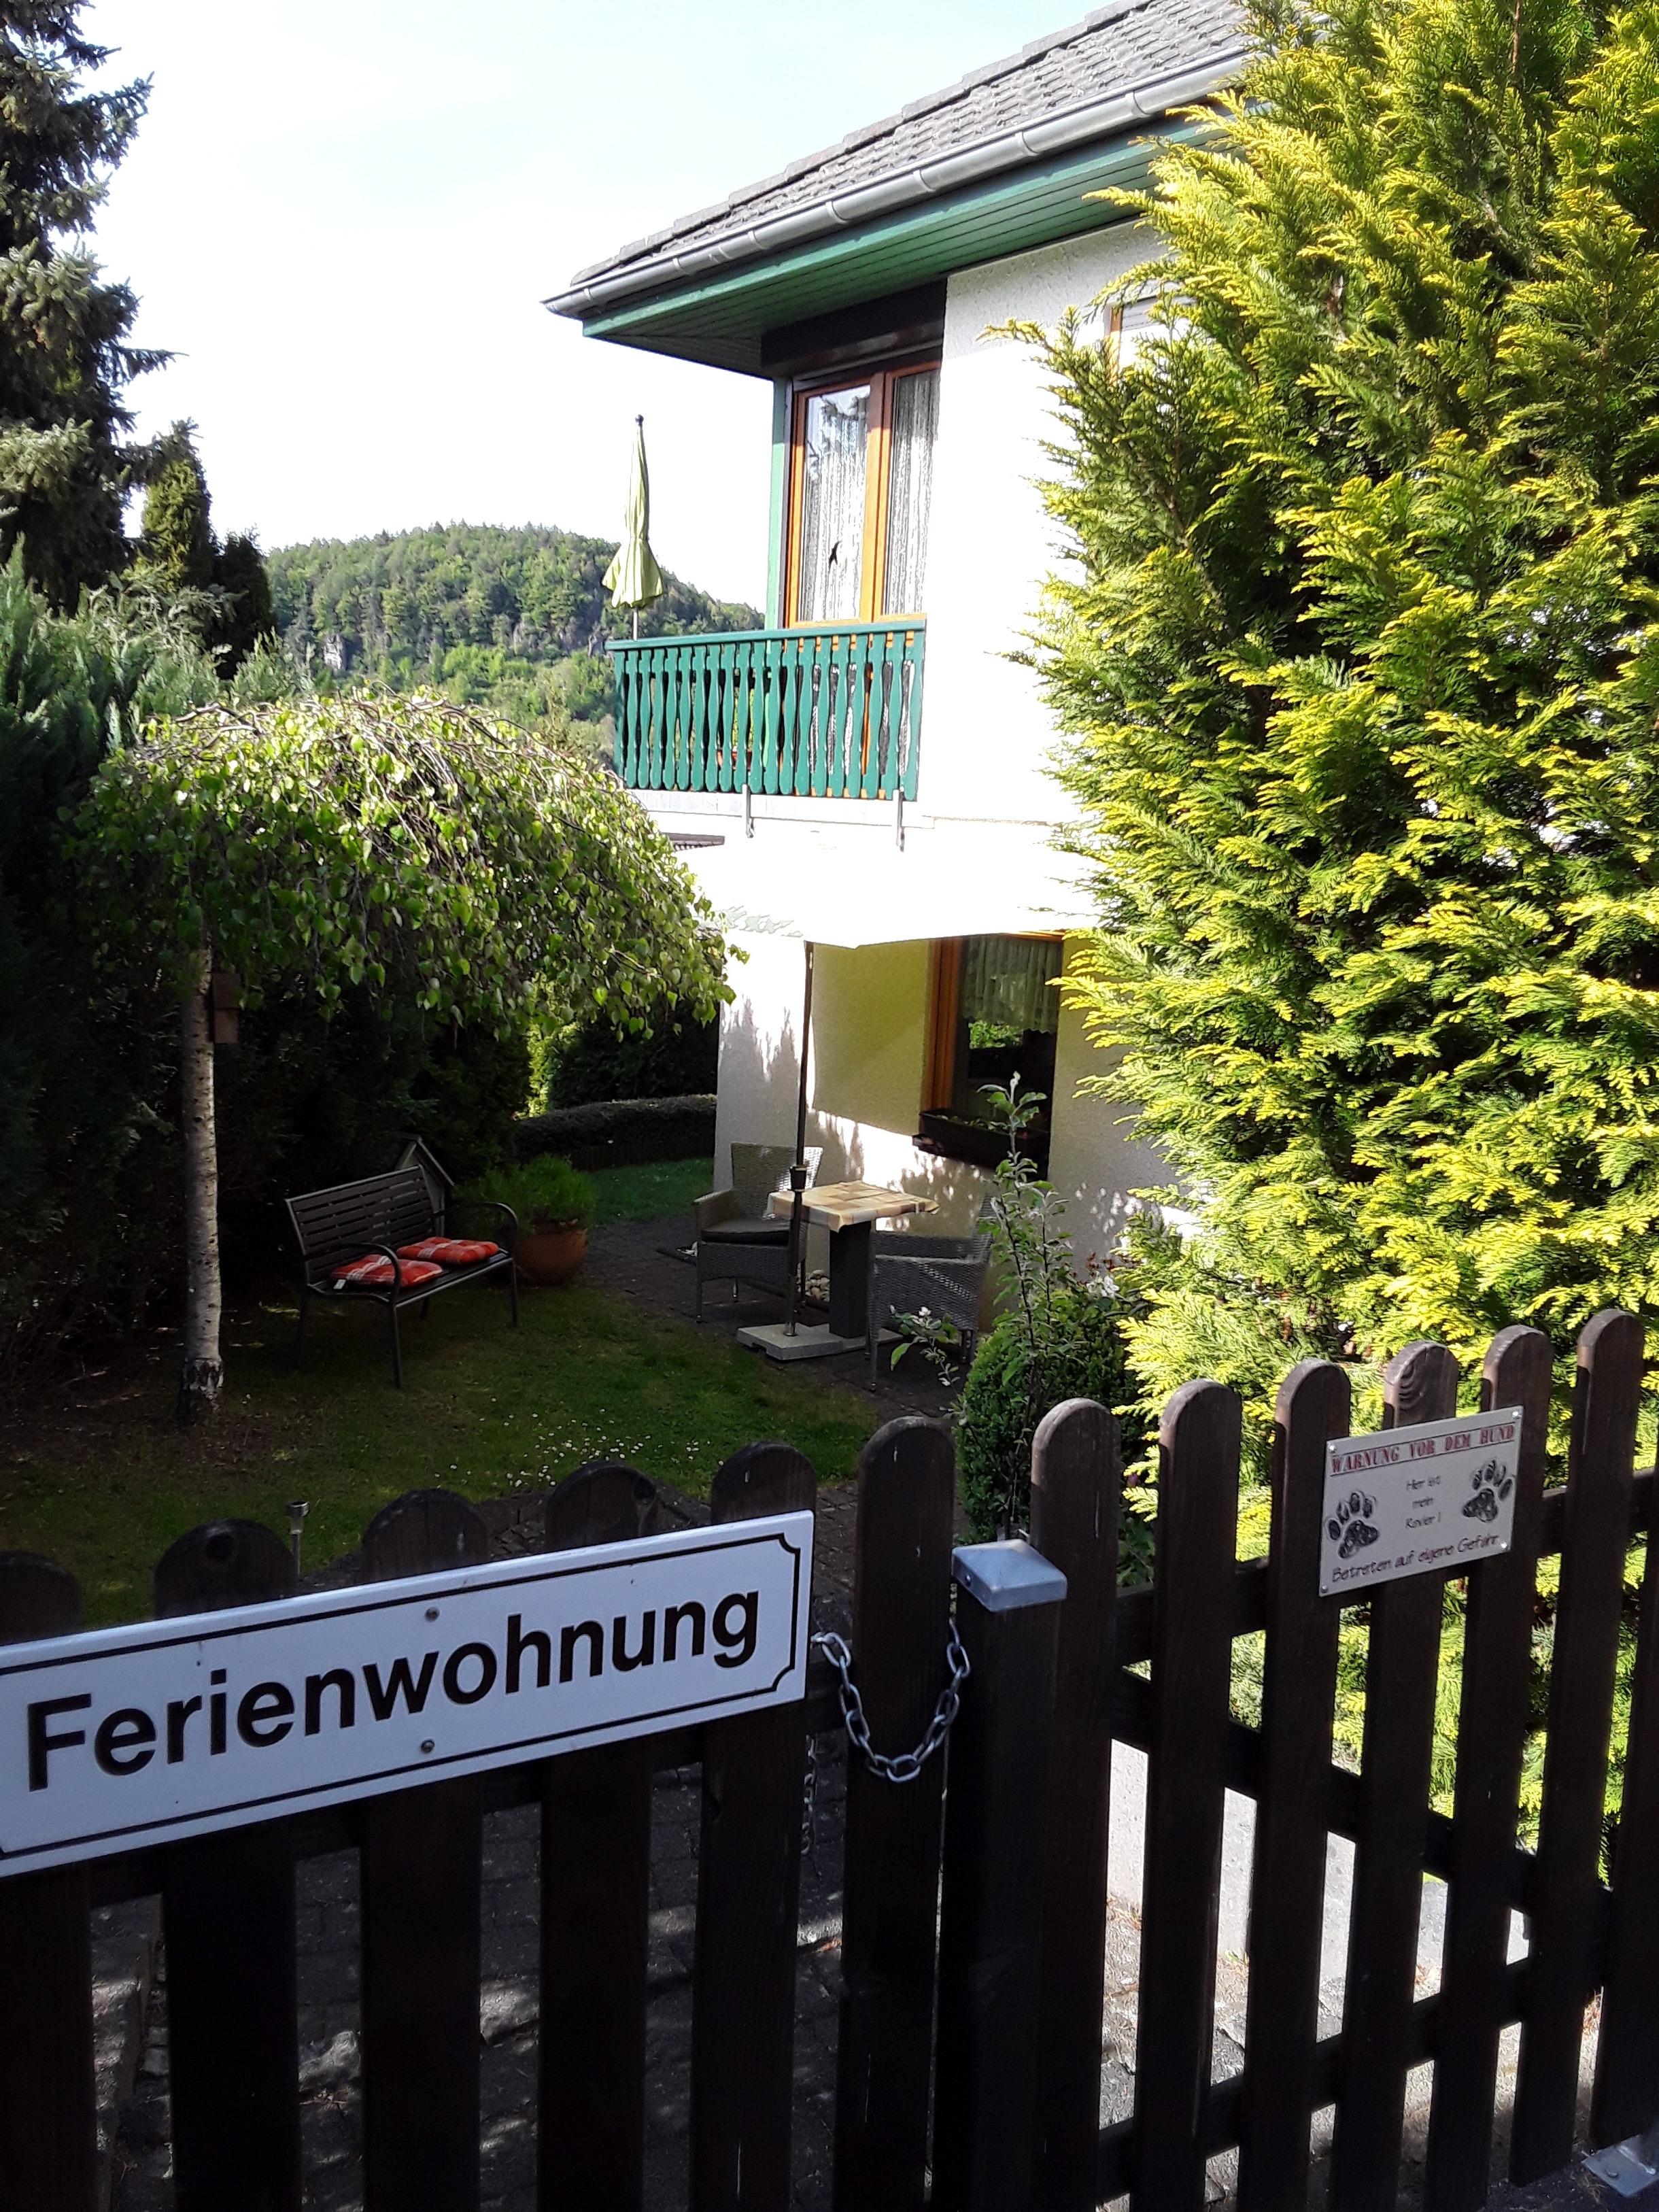 Ferienwohnung Hustley Ferienwohnung  Eifel Rheinland Pfalz